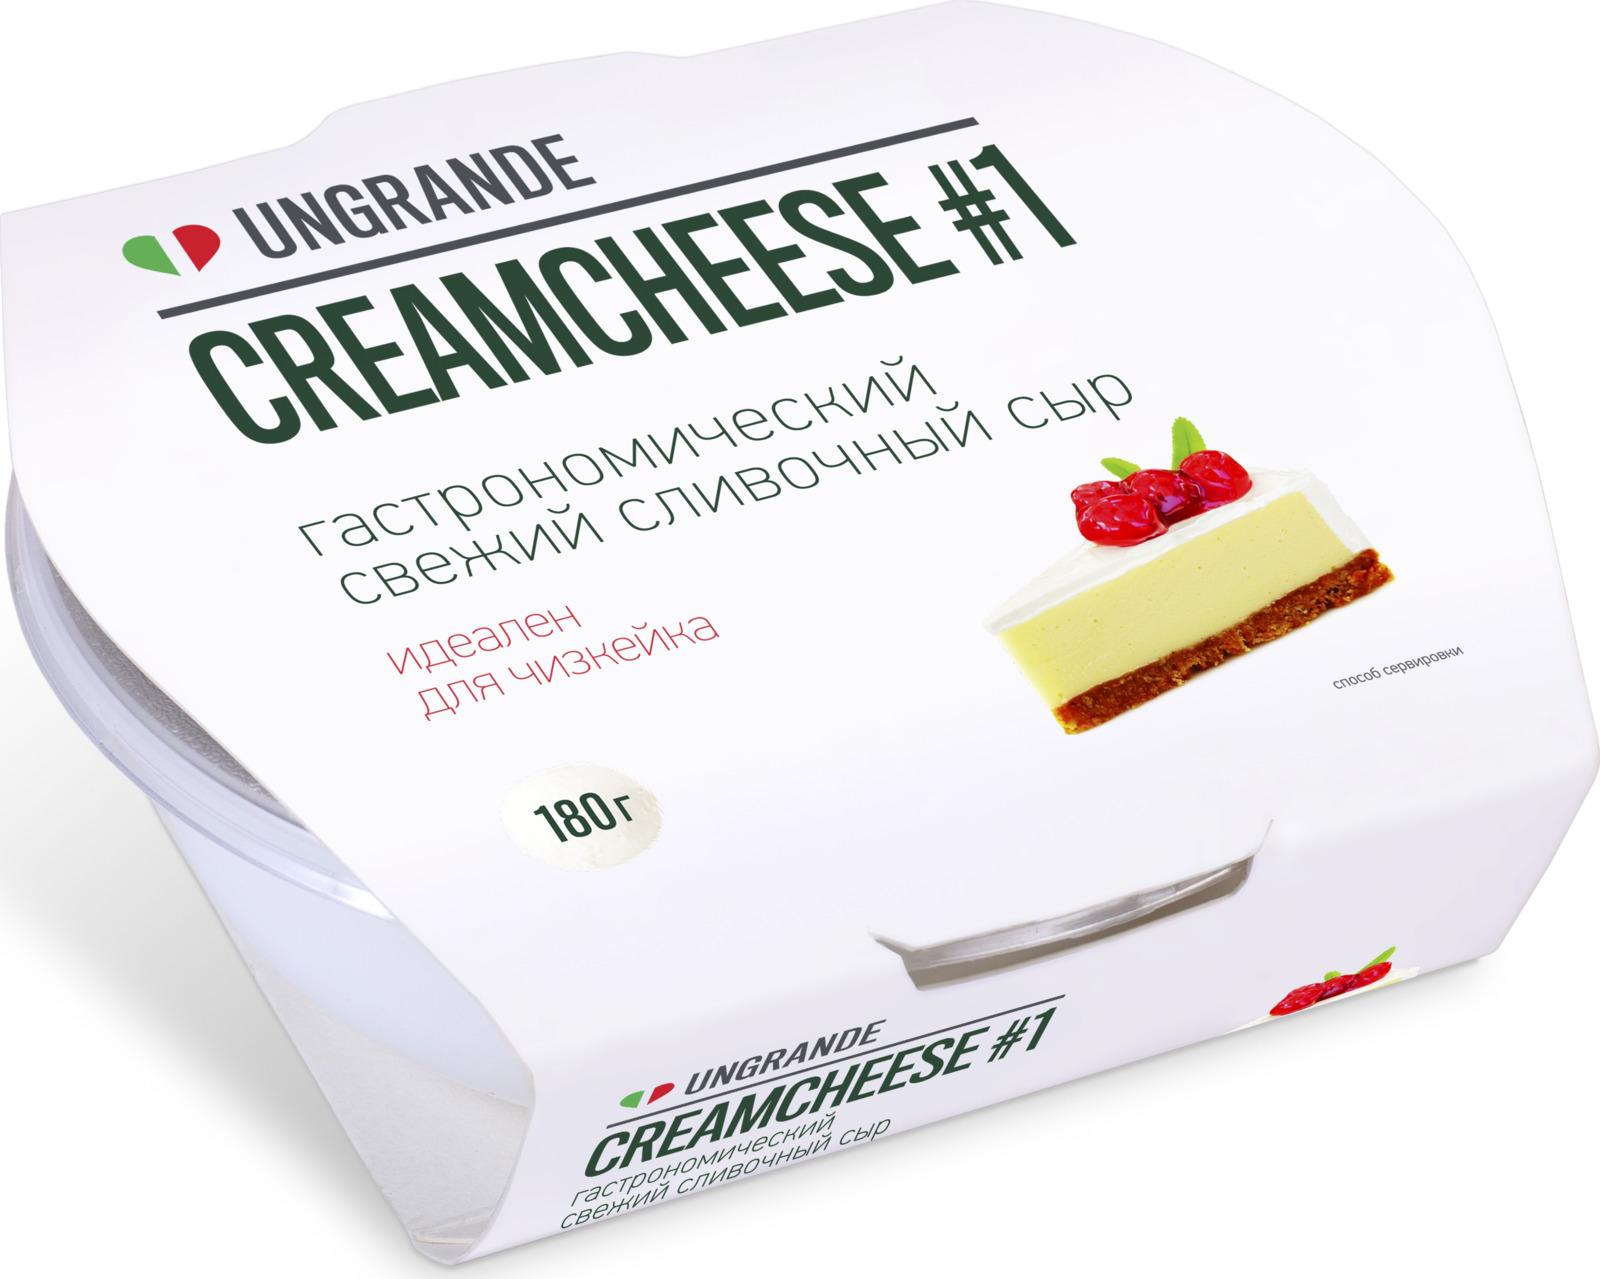 Unagrande Сыр Creamcheese № 1 сливочный 70%, 180 г